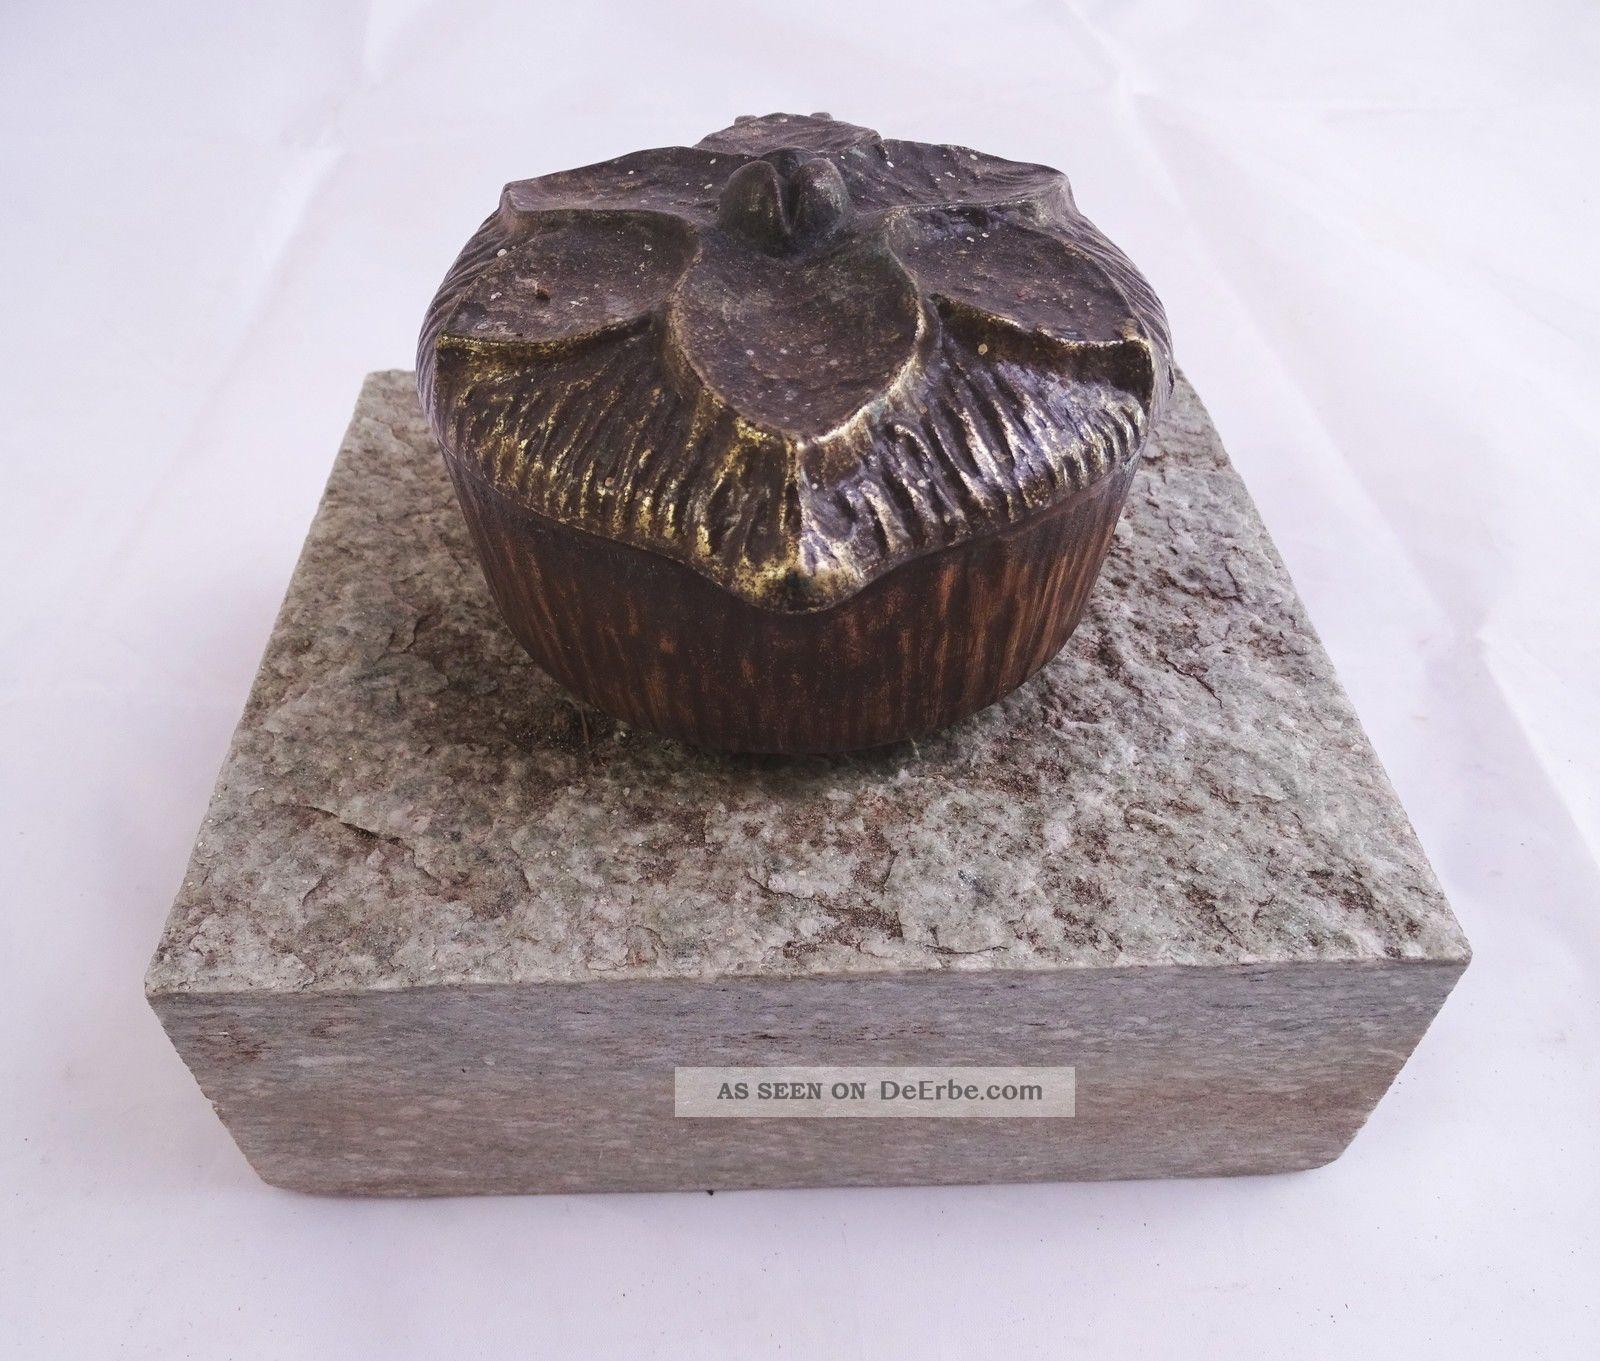 Grabschmuck Weihwasser Schale Spender Wohl Bronze Auf Granit Sockel Religiöse Volkskunst Bild